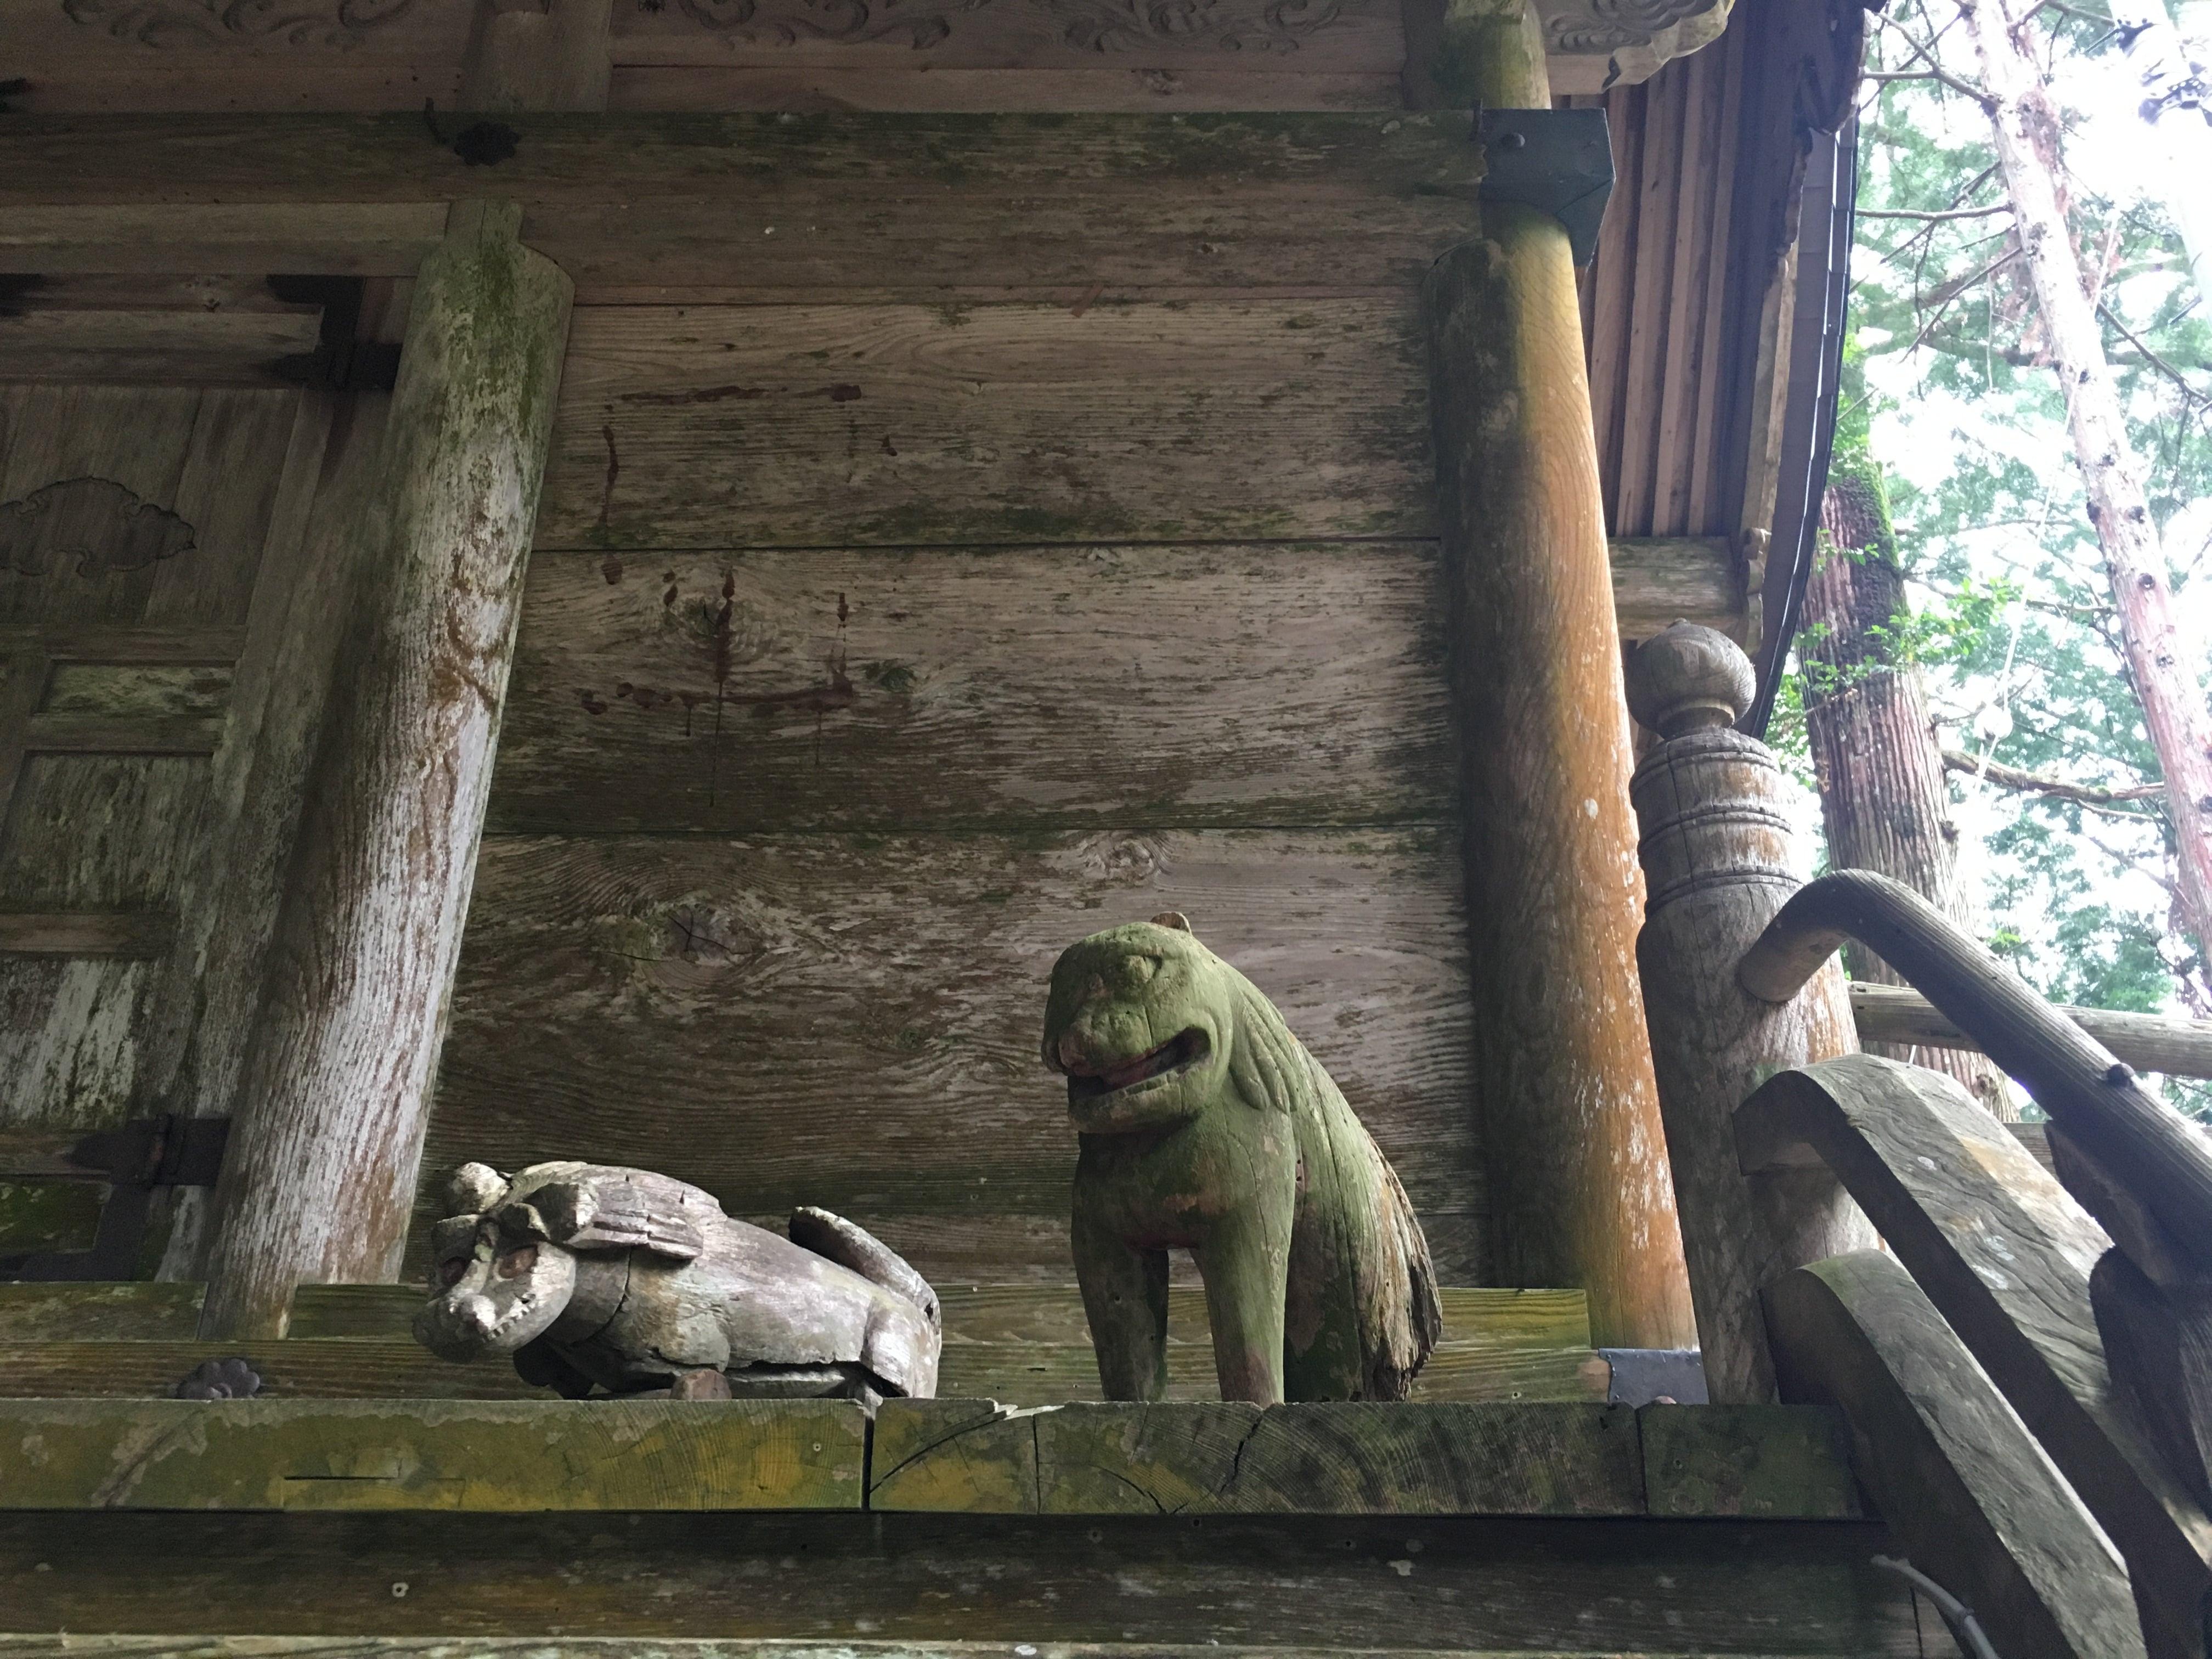 木頭の神様巡りガイド日帰りコース/シリウスブルー観光振興協会のスピリチュアルガイドのイメージその2